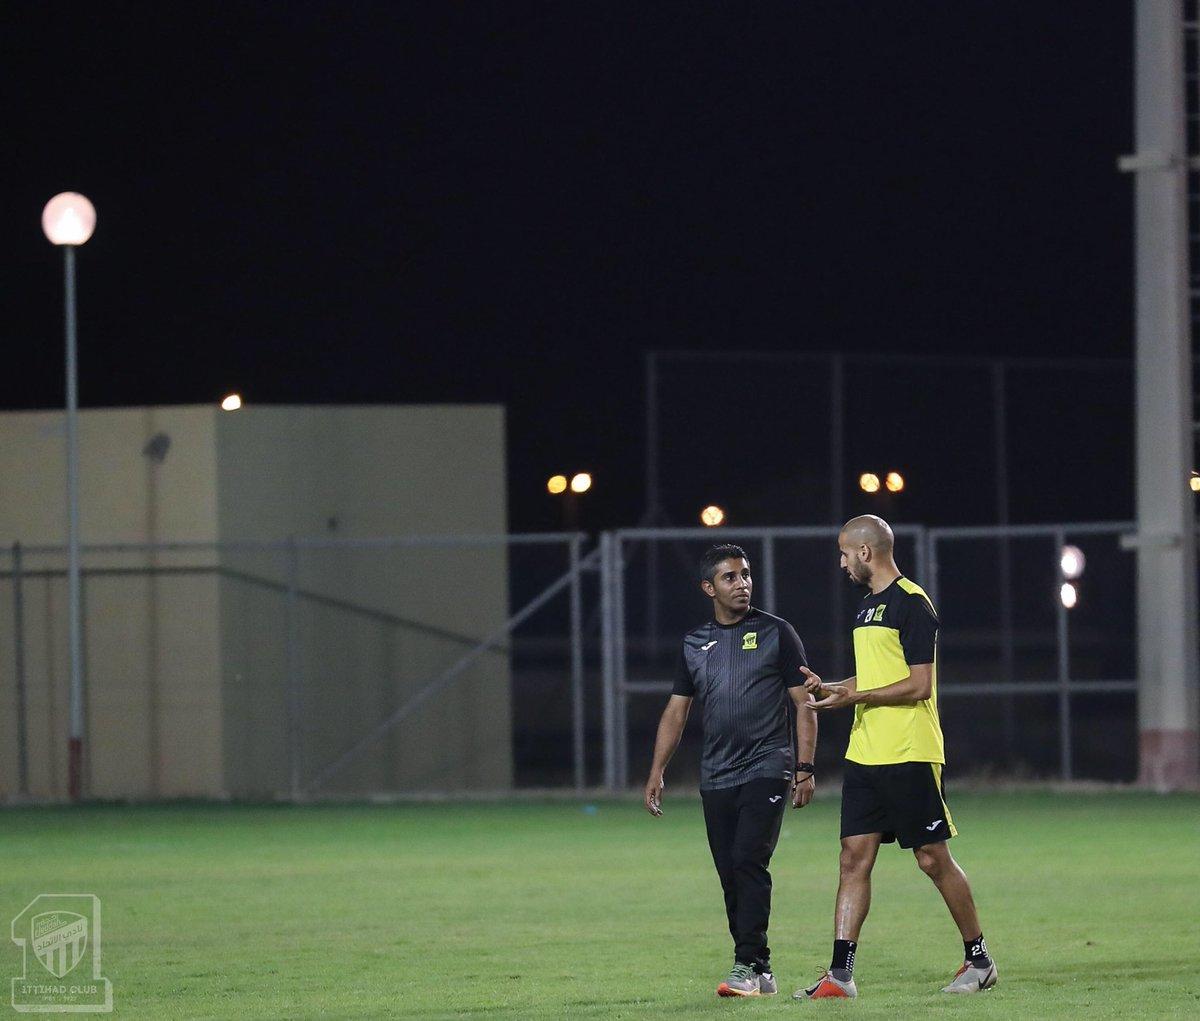 المركز الإعلامي/📸 صور الحصة التدريبية للفريق الكروي الأول مساء اليوم الثلاثاء